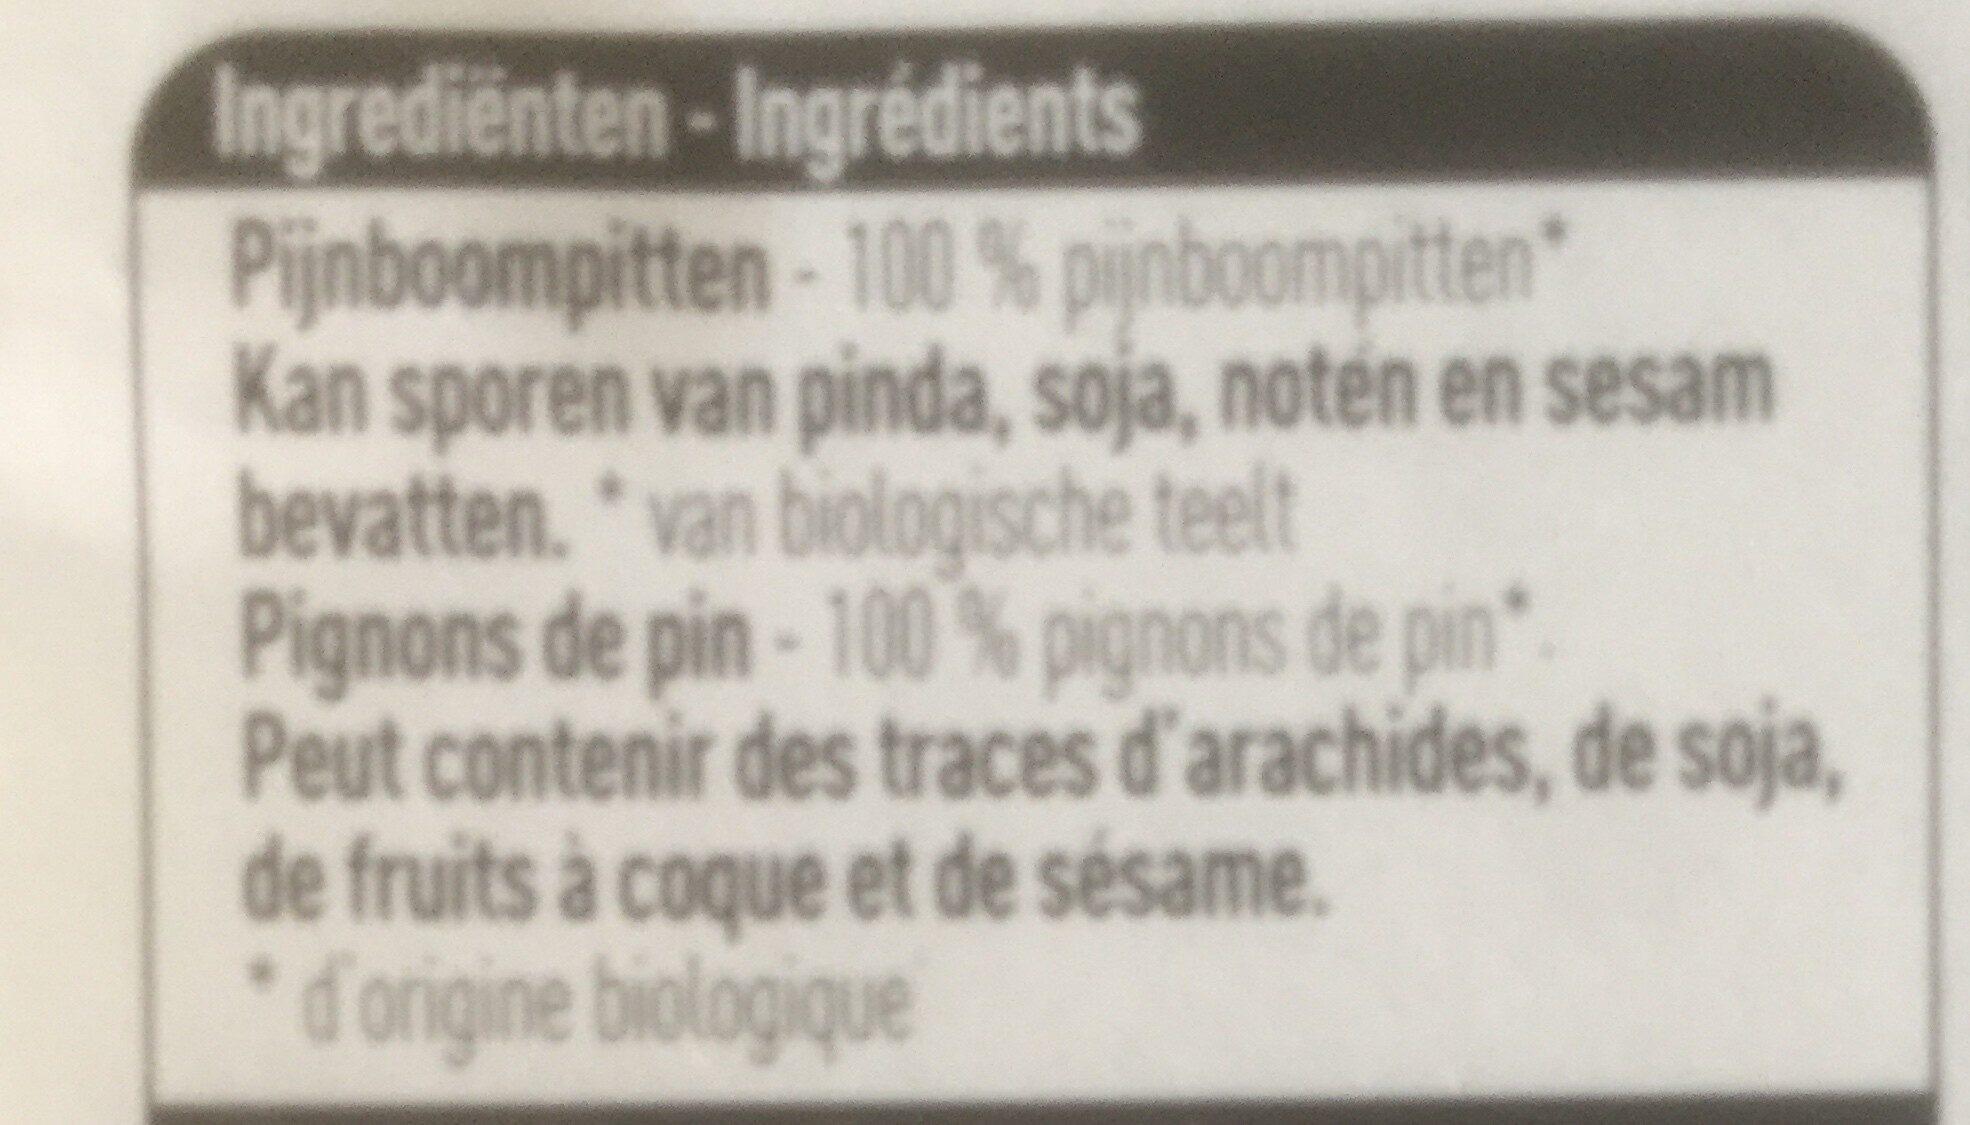 Pignons de pin - Ingrediënten - fr